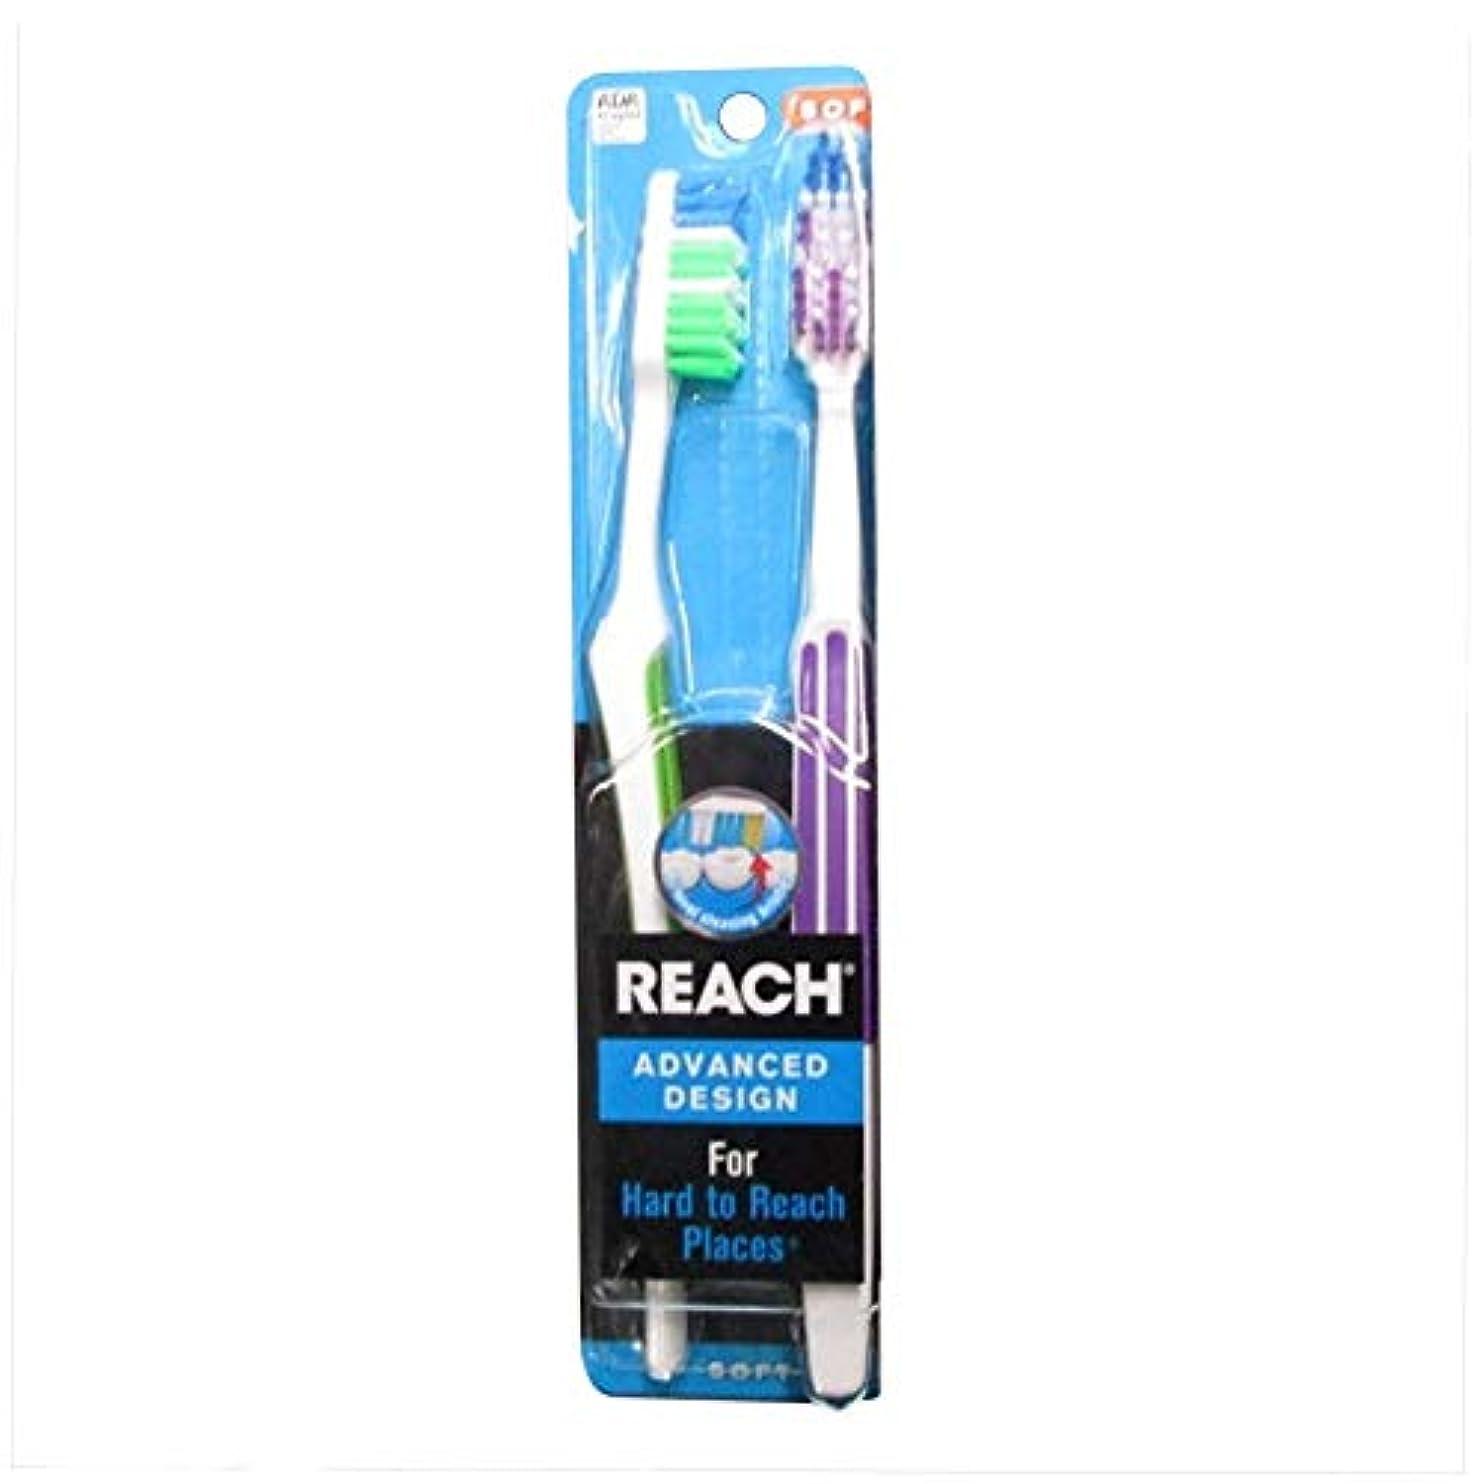 十代の若者たちお祝い成熟Reach 高度なデザイン完全な頭部柔らかい歯ブラシ、盛り合わせ色、2カウント(2パック)合計4歯ブラシ